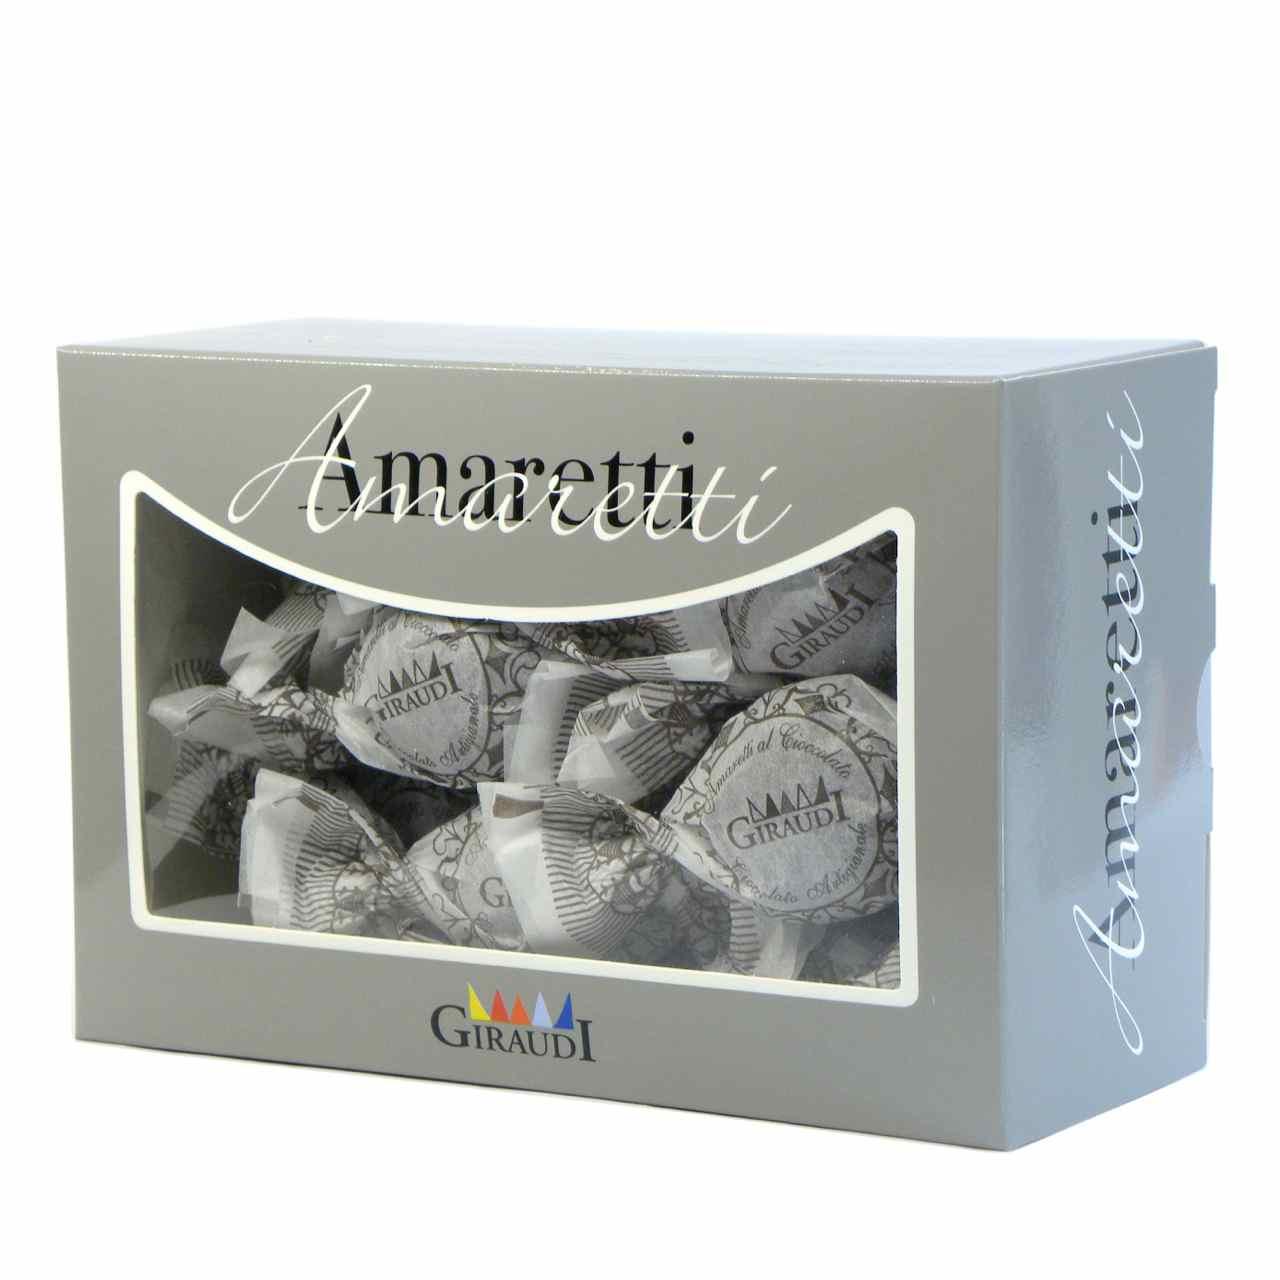 Giraudi amaretti – Gustorotondo – Italian food boutique